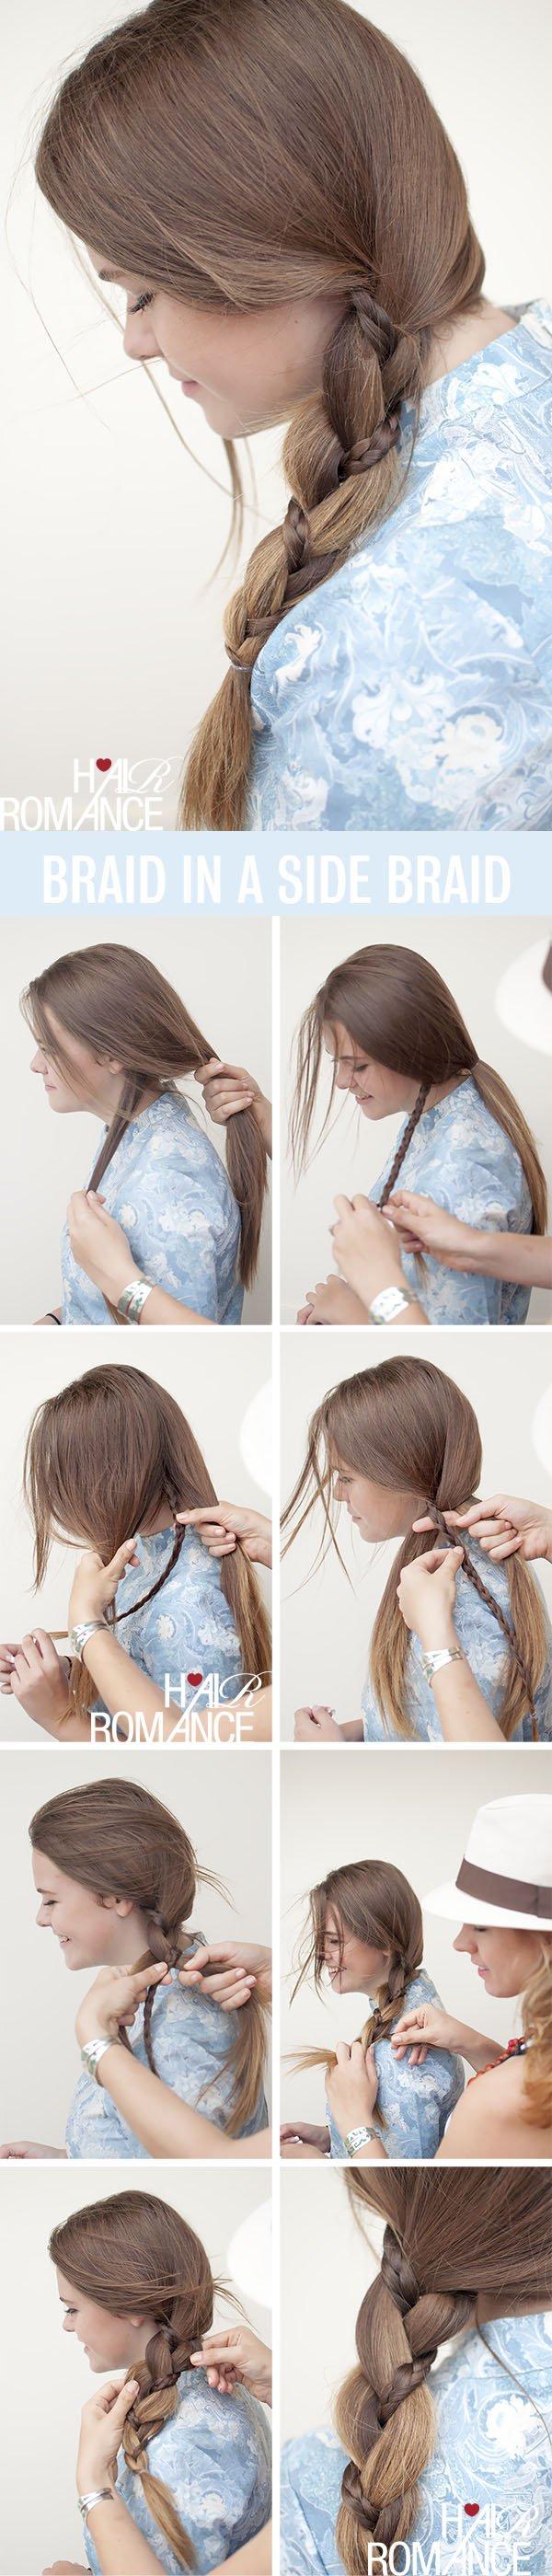 Hair-Romance-hairstyle-tutorial-braid-in-a-side-braid